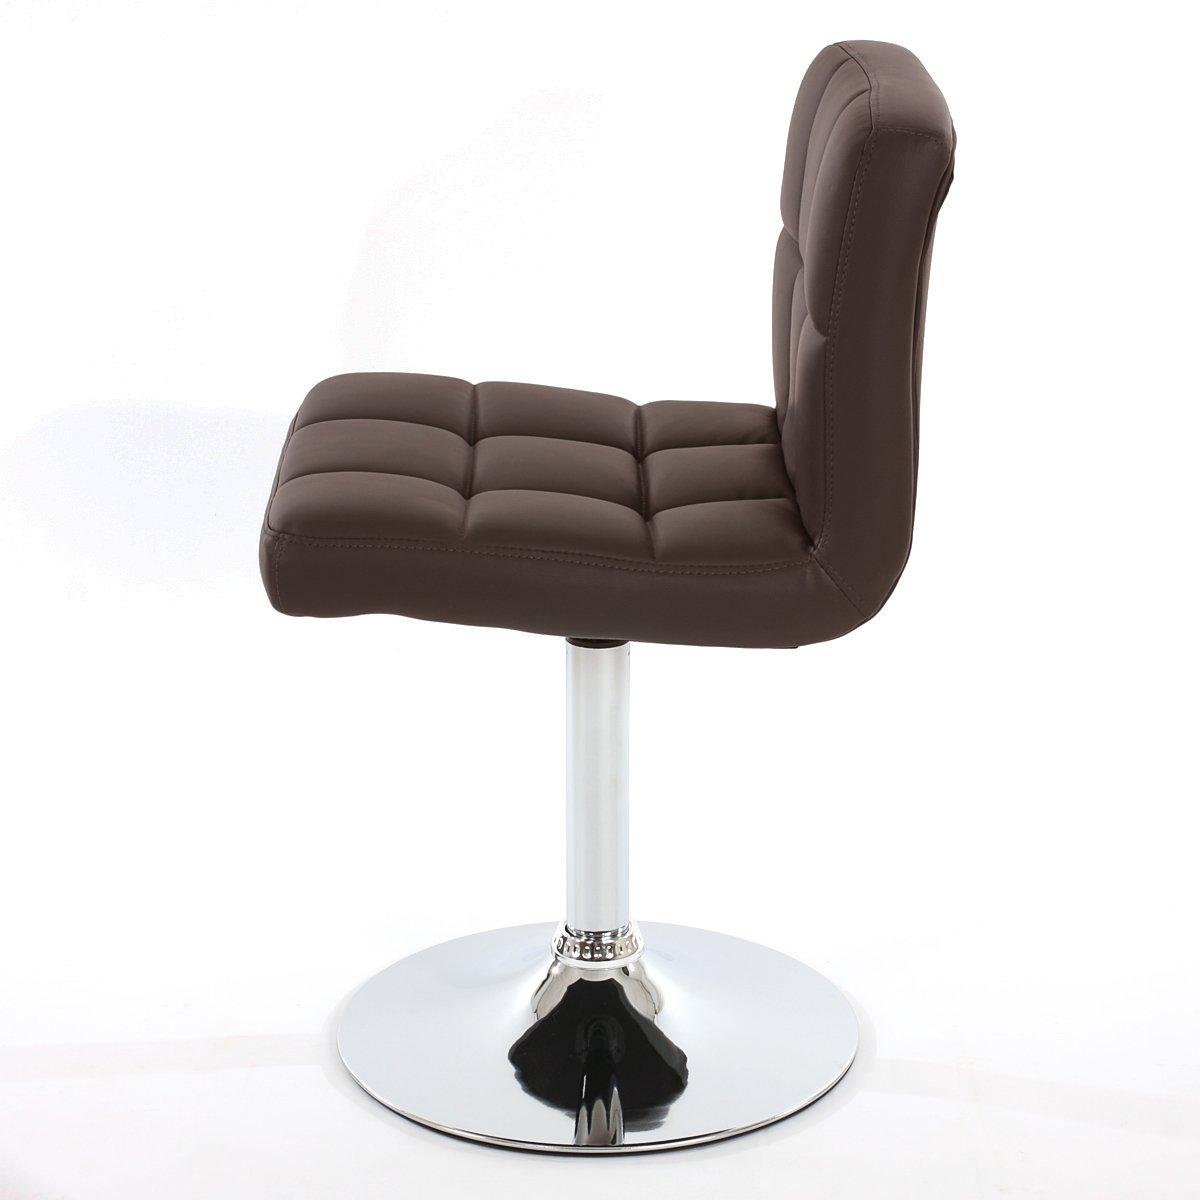 Conjunto de 2 sillas de cocina genova marr n conjunto for Sillas de escritorio comodas